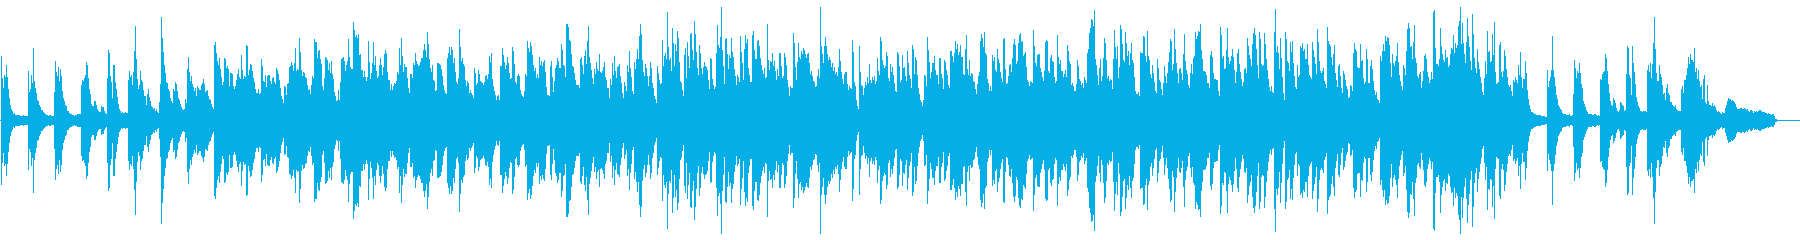 まったりとしたピアノソロの再生済みの波形